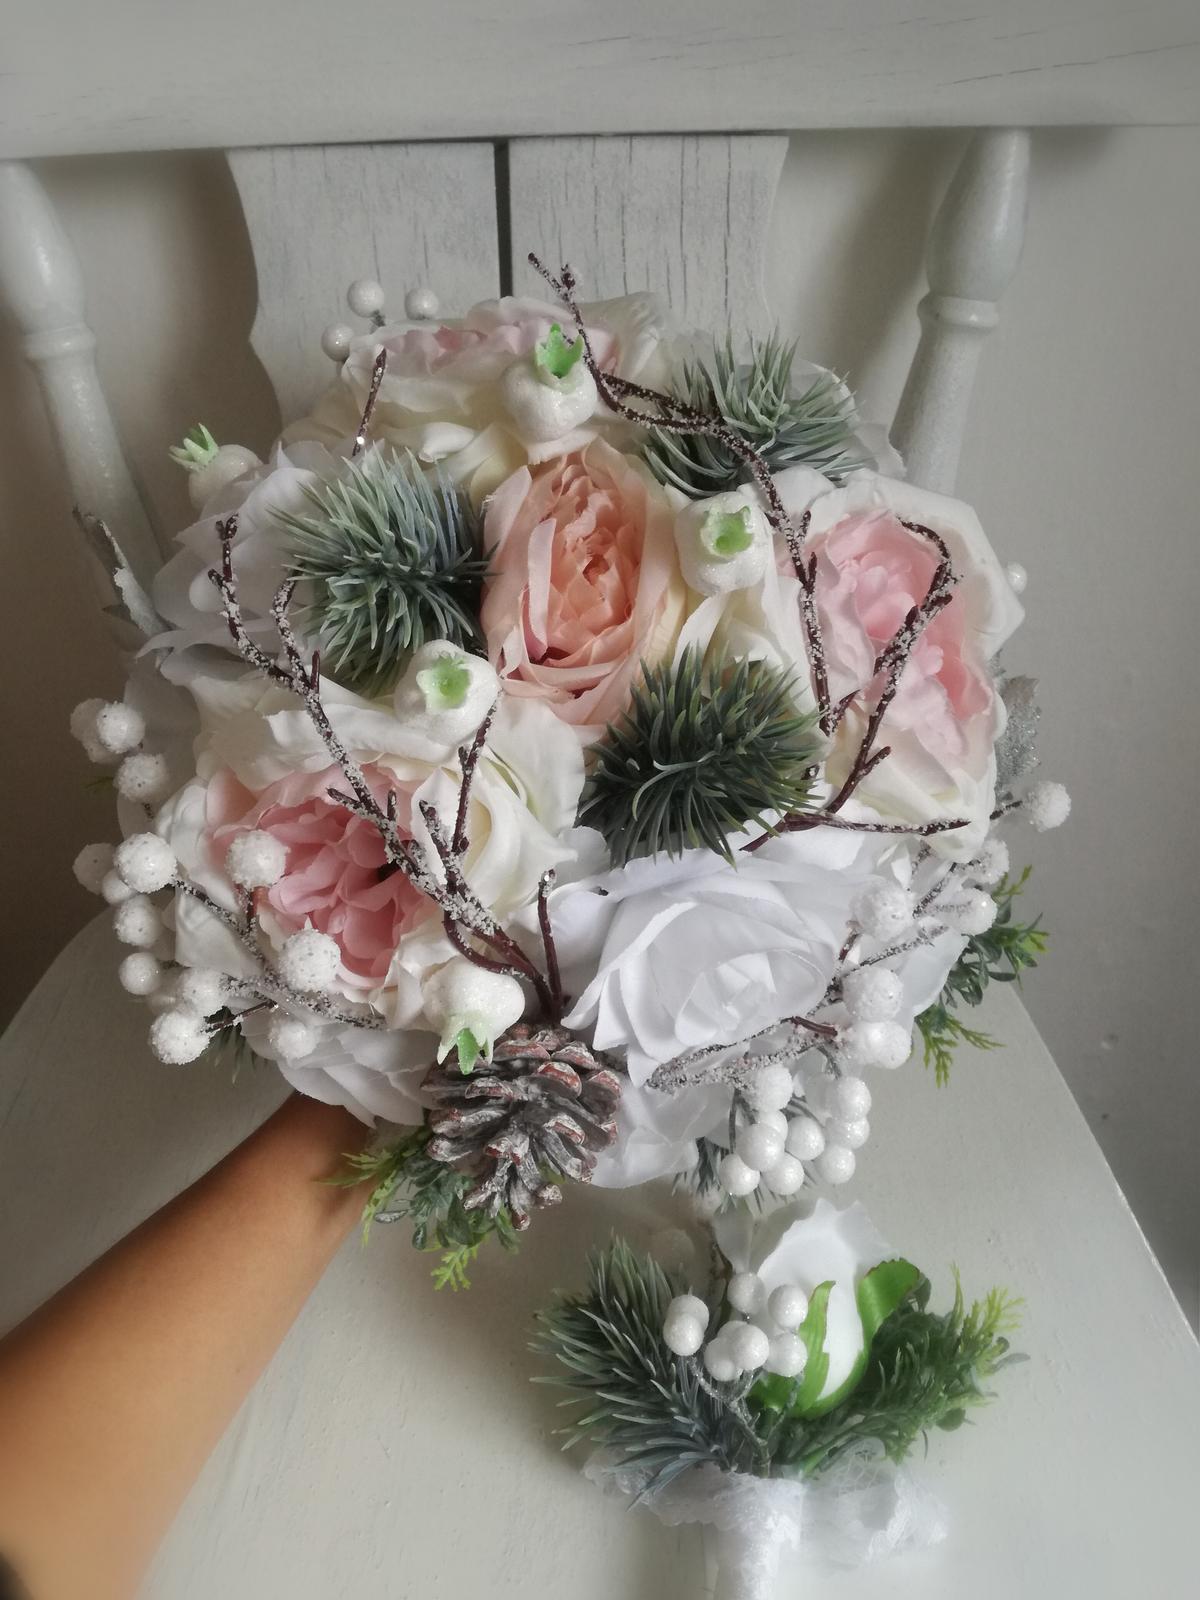 Z umelých kvetov - Obrázok č. 48